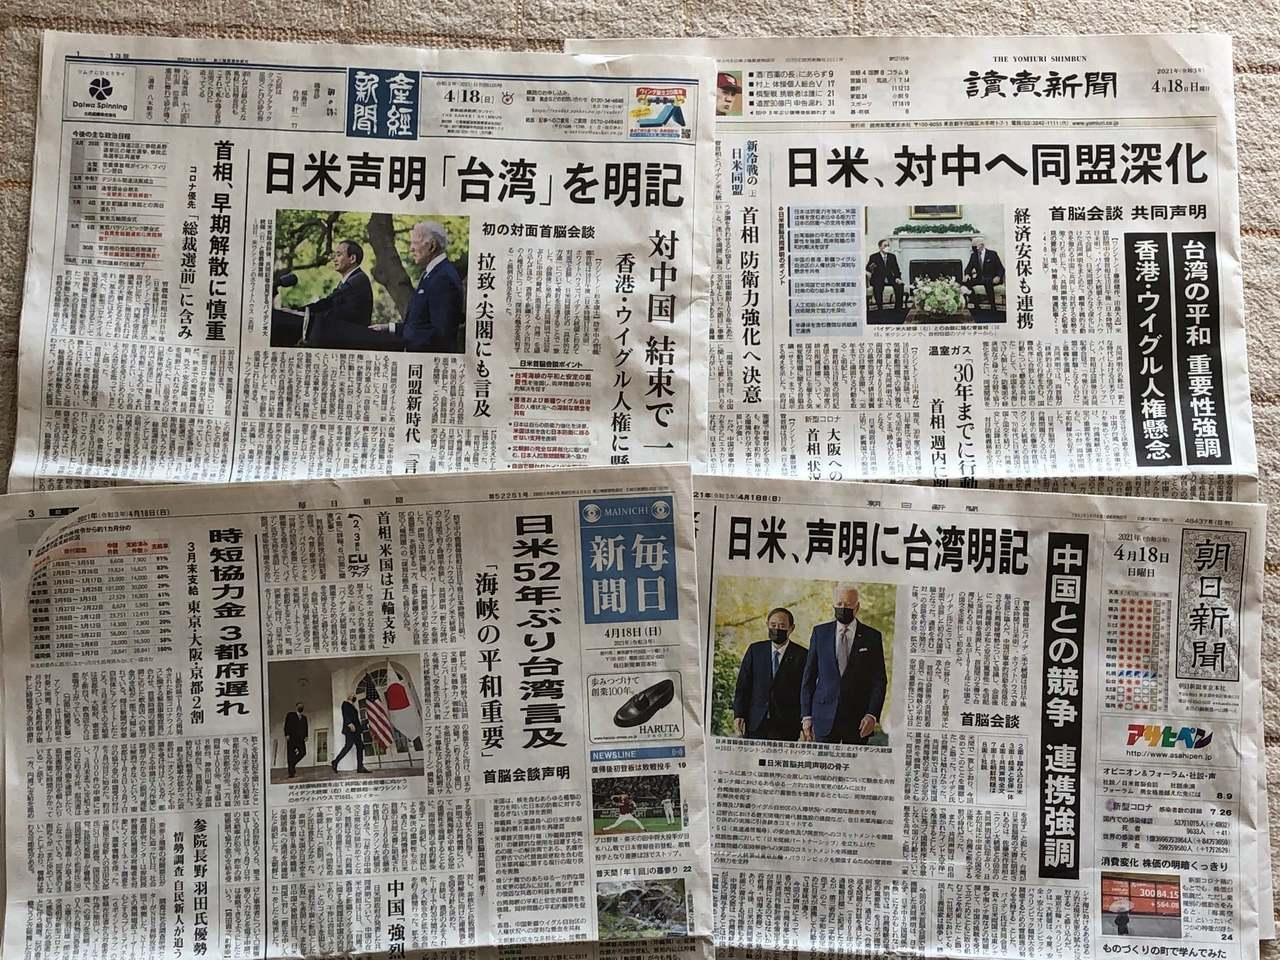 """前所未见:""""台湾""""洗版日本各大报头版 日学者惊"""